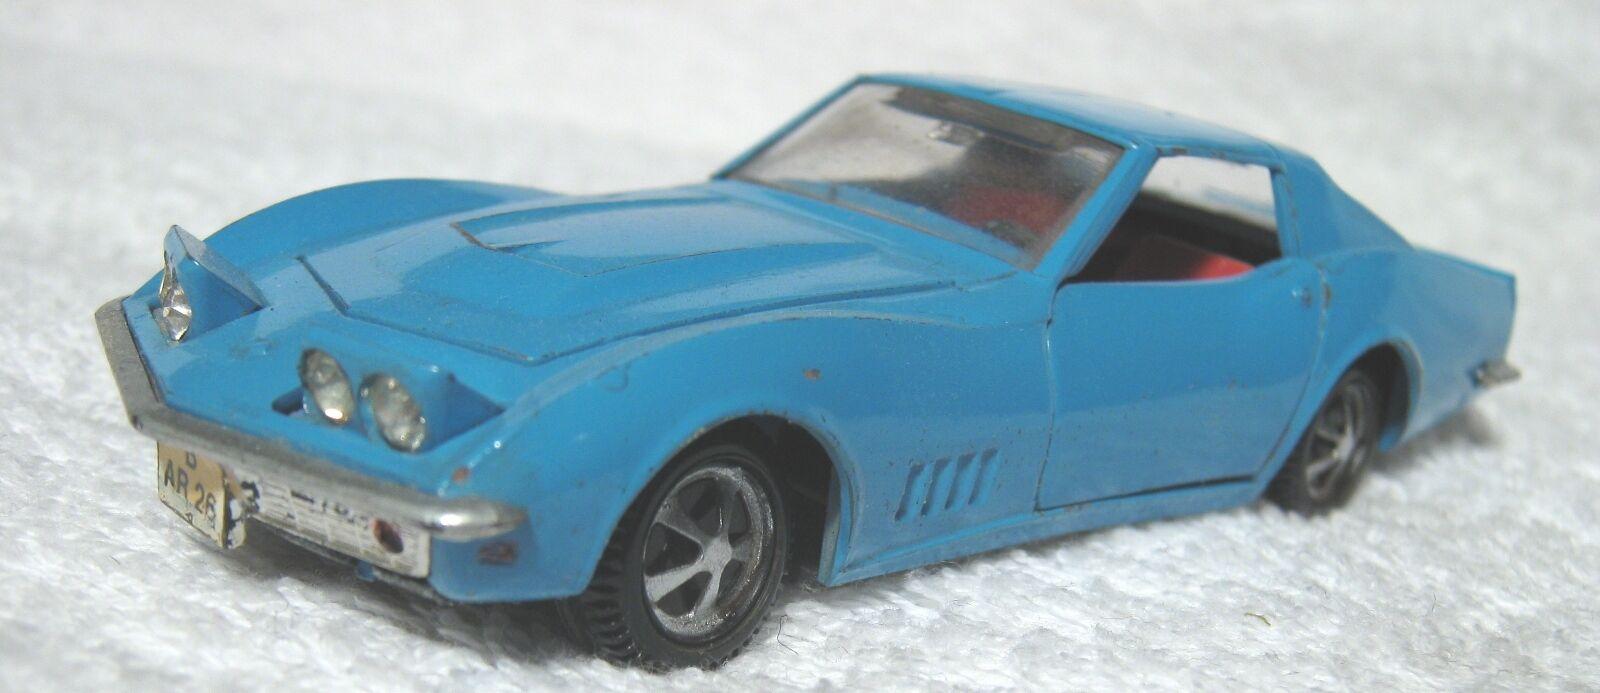 Marklin auto RAK 1818 Chevrolet Corvette mooie staat. Deuren, motorkap en koplam